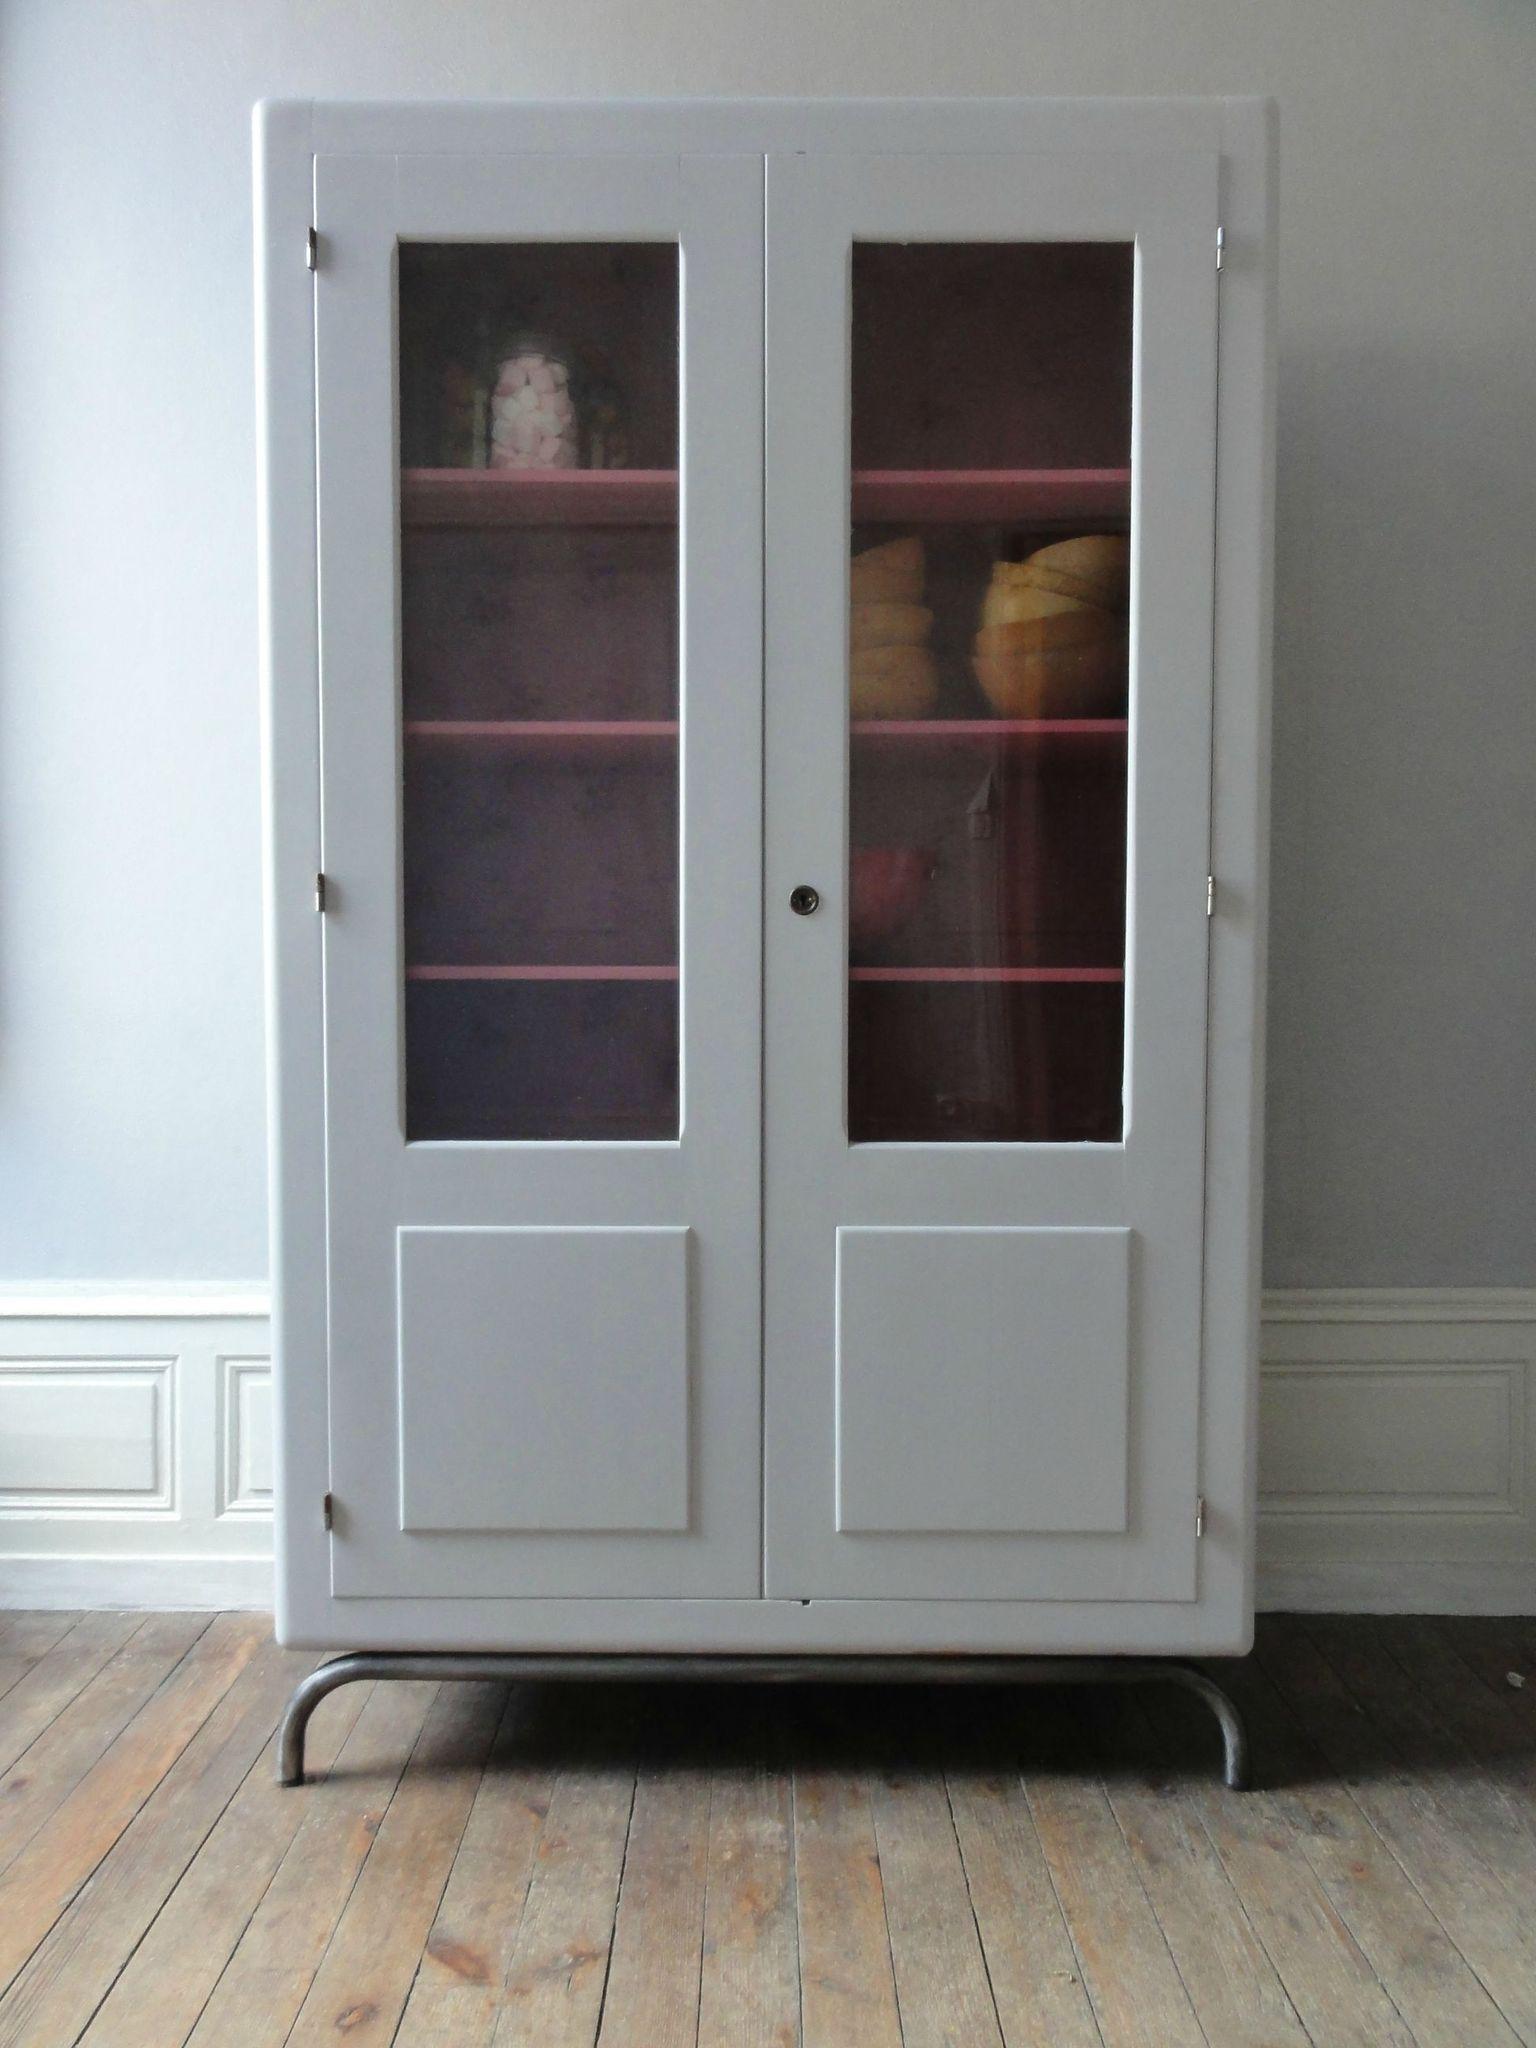 Armoire Ecole Vitree Annees 60 Vintage Emoi Renovation Meuble Relooking Meuble Et Mobilier De Salon